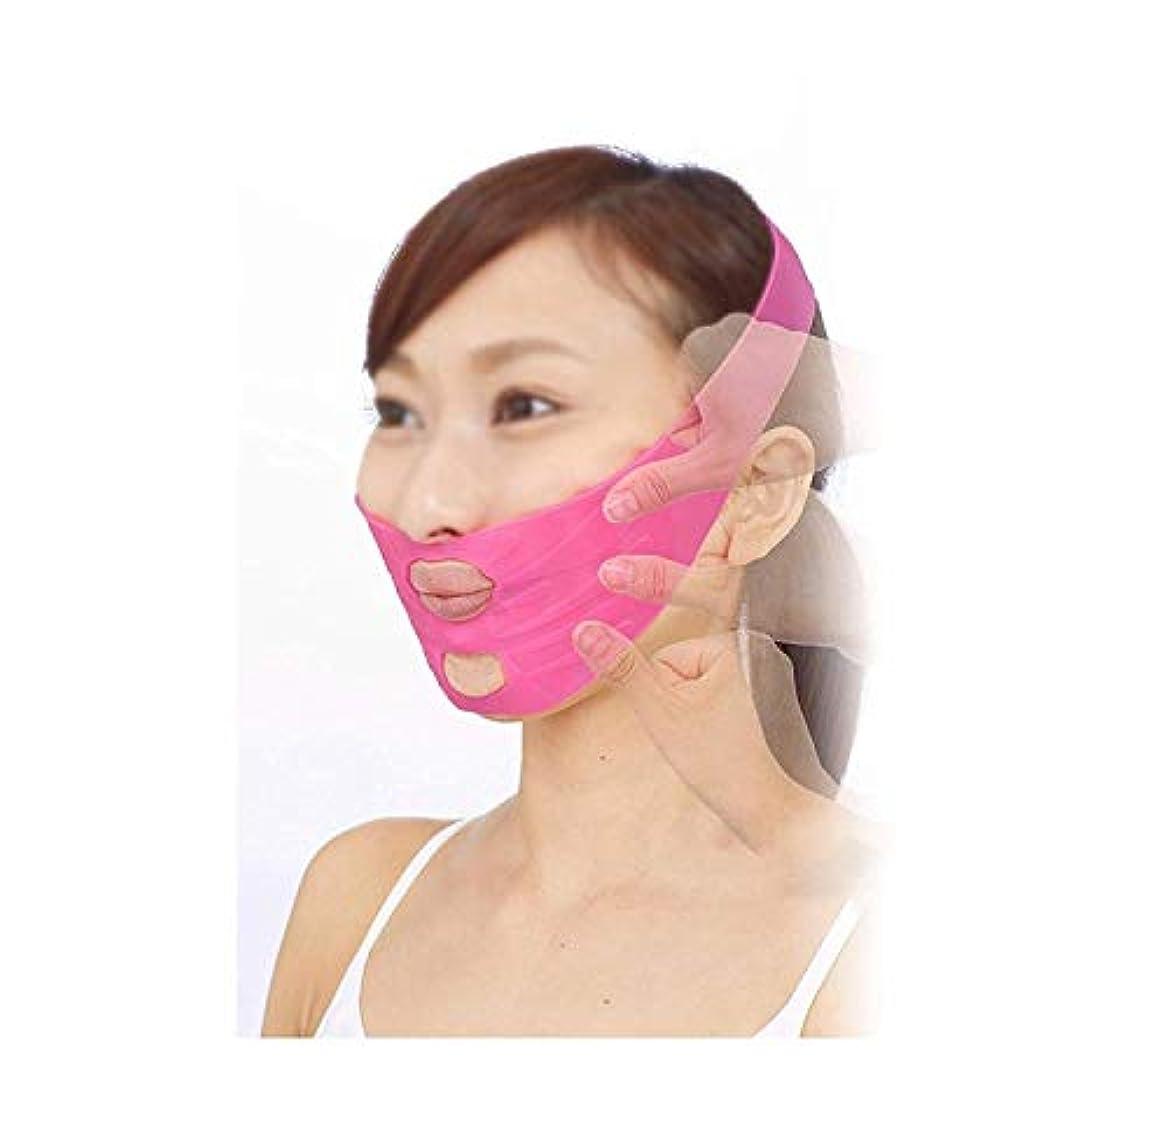 慰め代表団ペデスタルフェイシャルマスク、リフティングアーティファクトフェイスマスク垂れ下がった小さなVフェイスバンデージ付きの顔